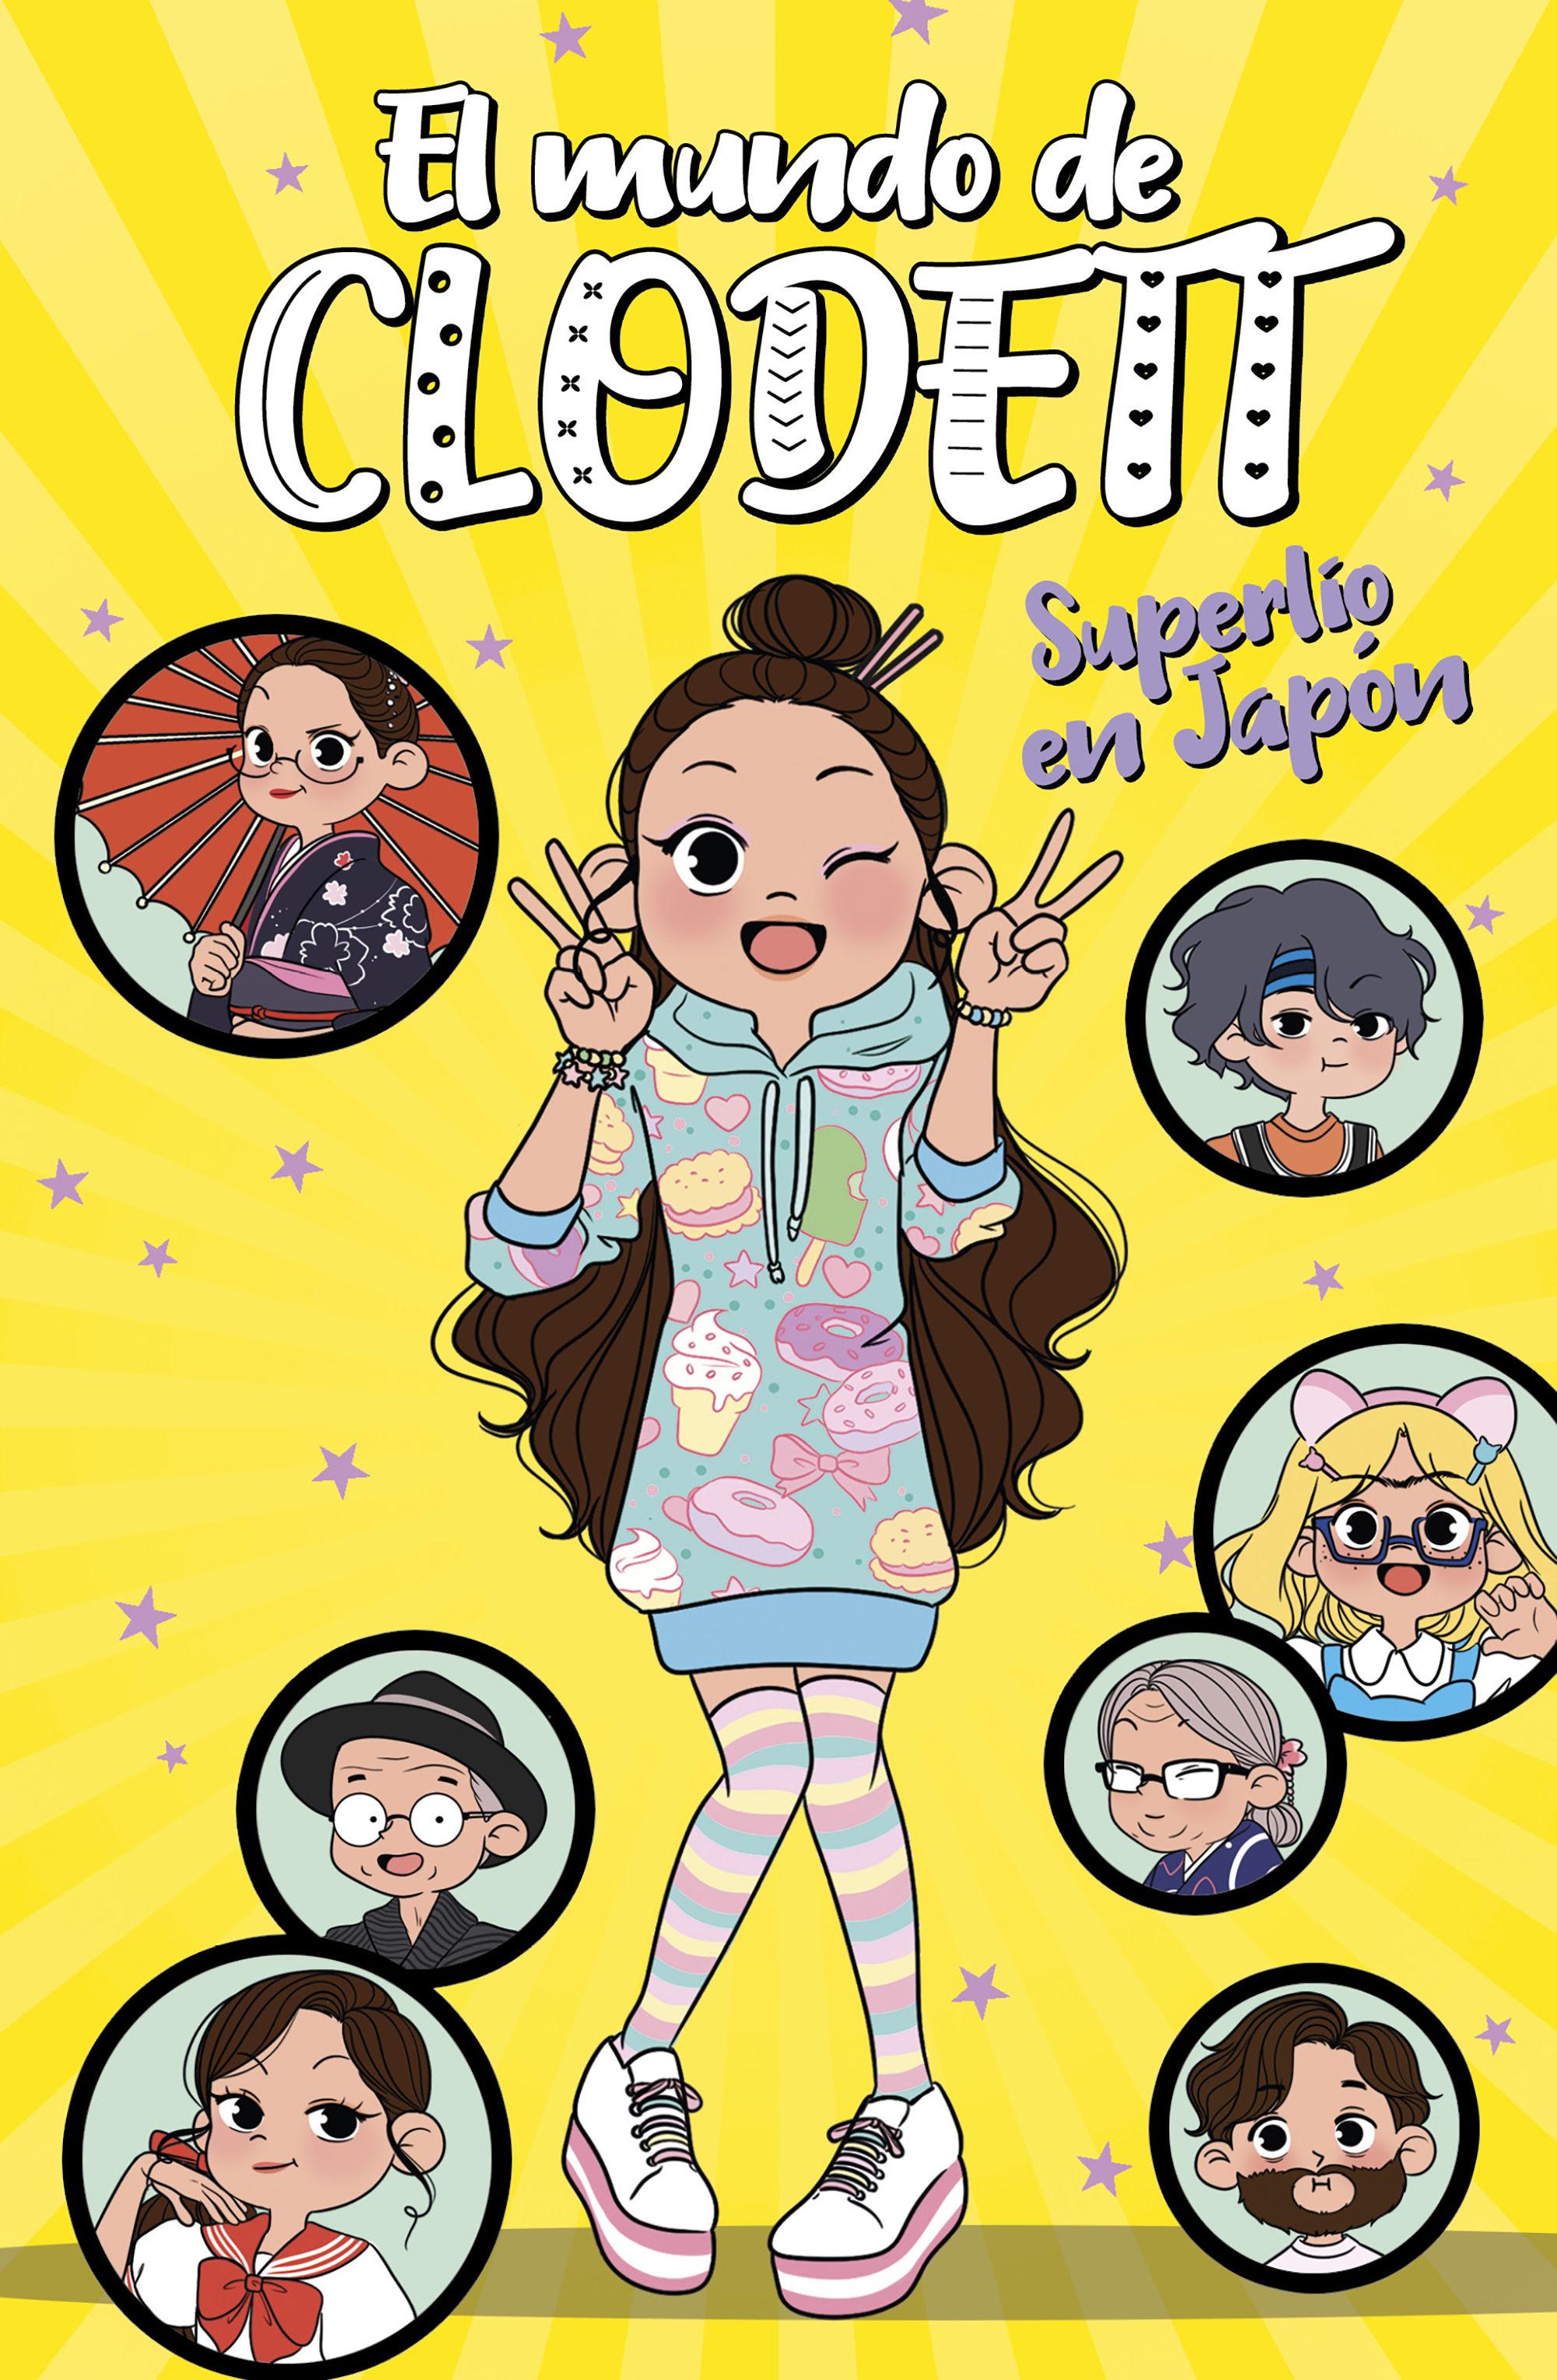 MUNDO DE CLODETT 5 SUPERLÍO EN JAPÓN